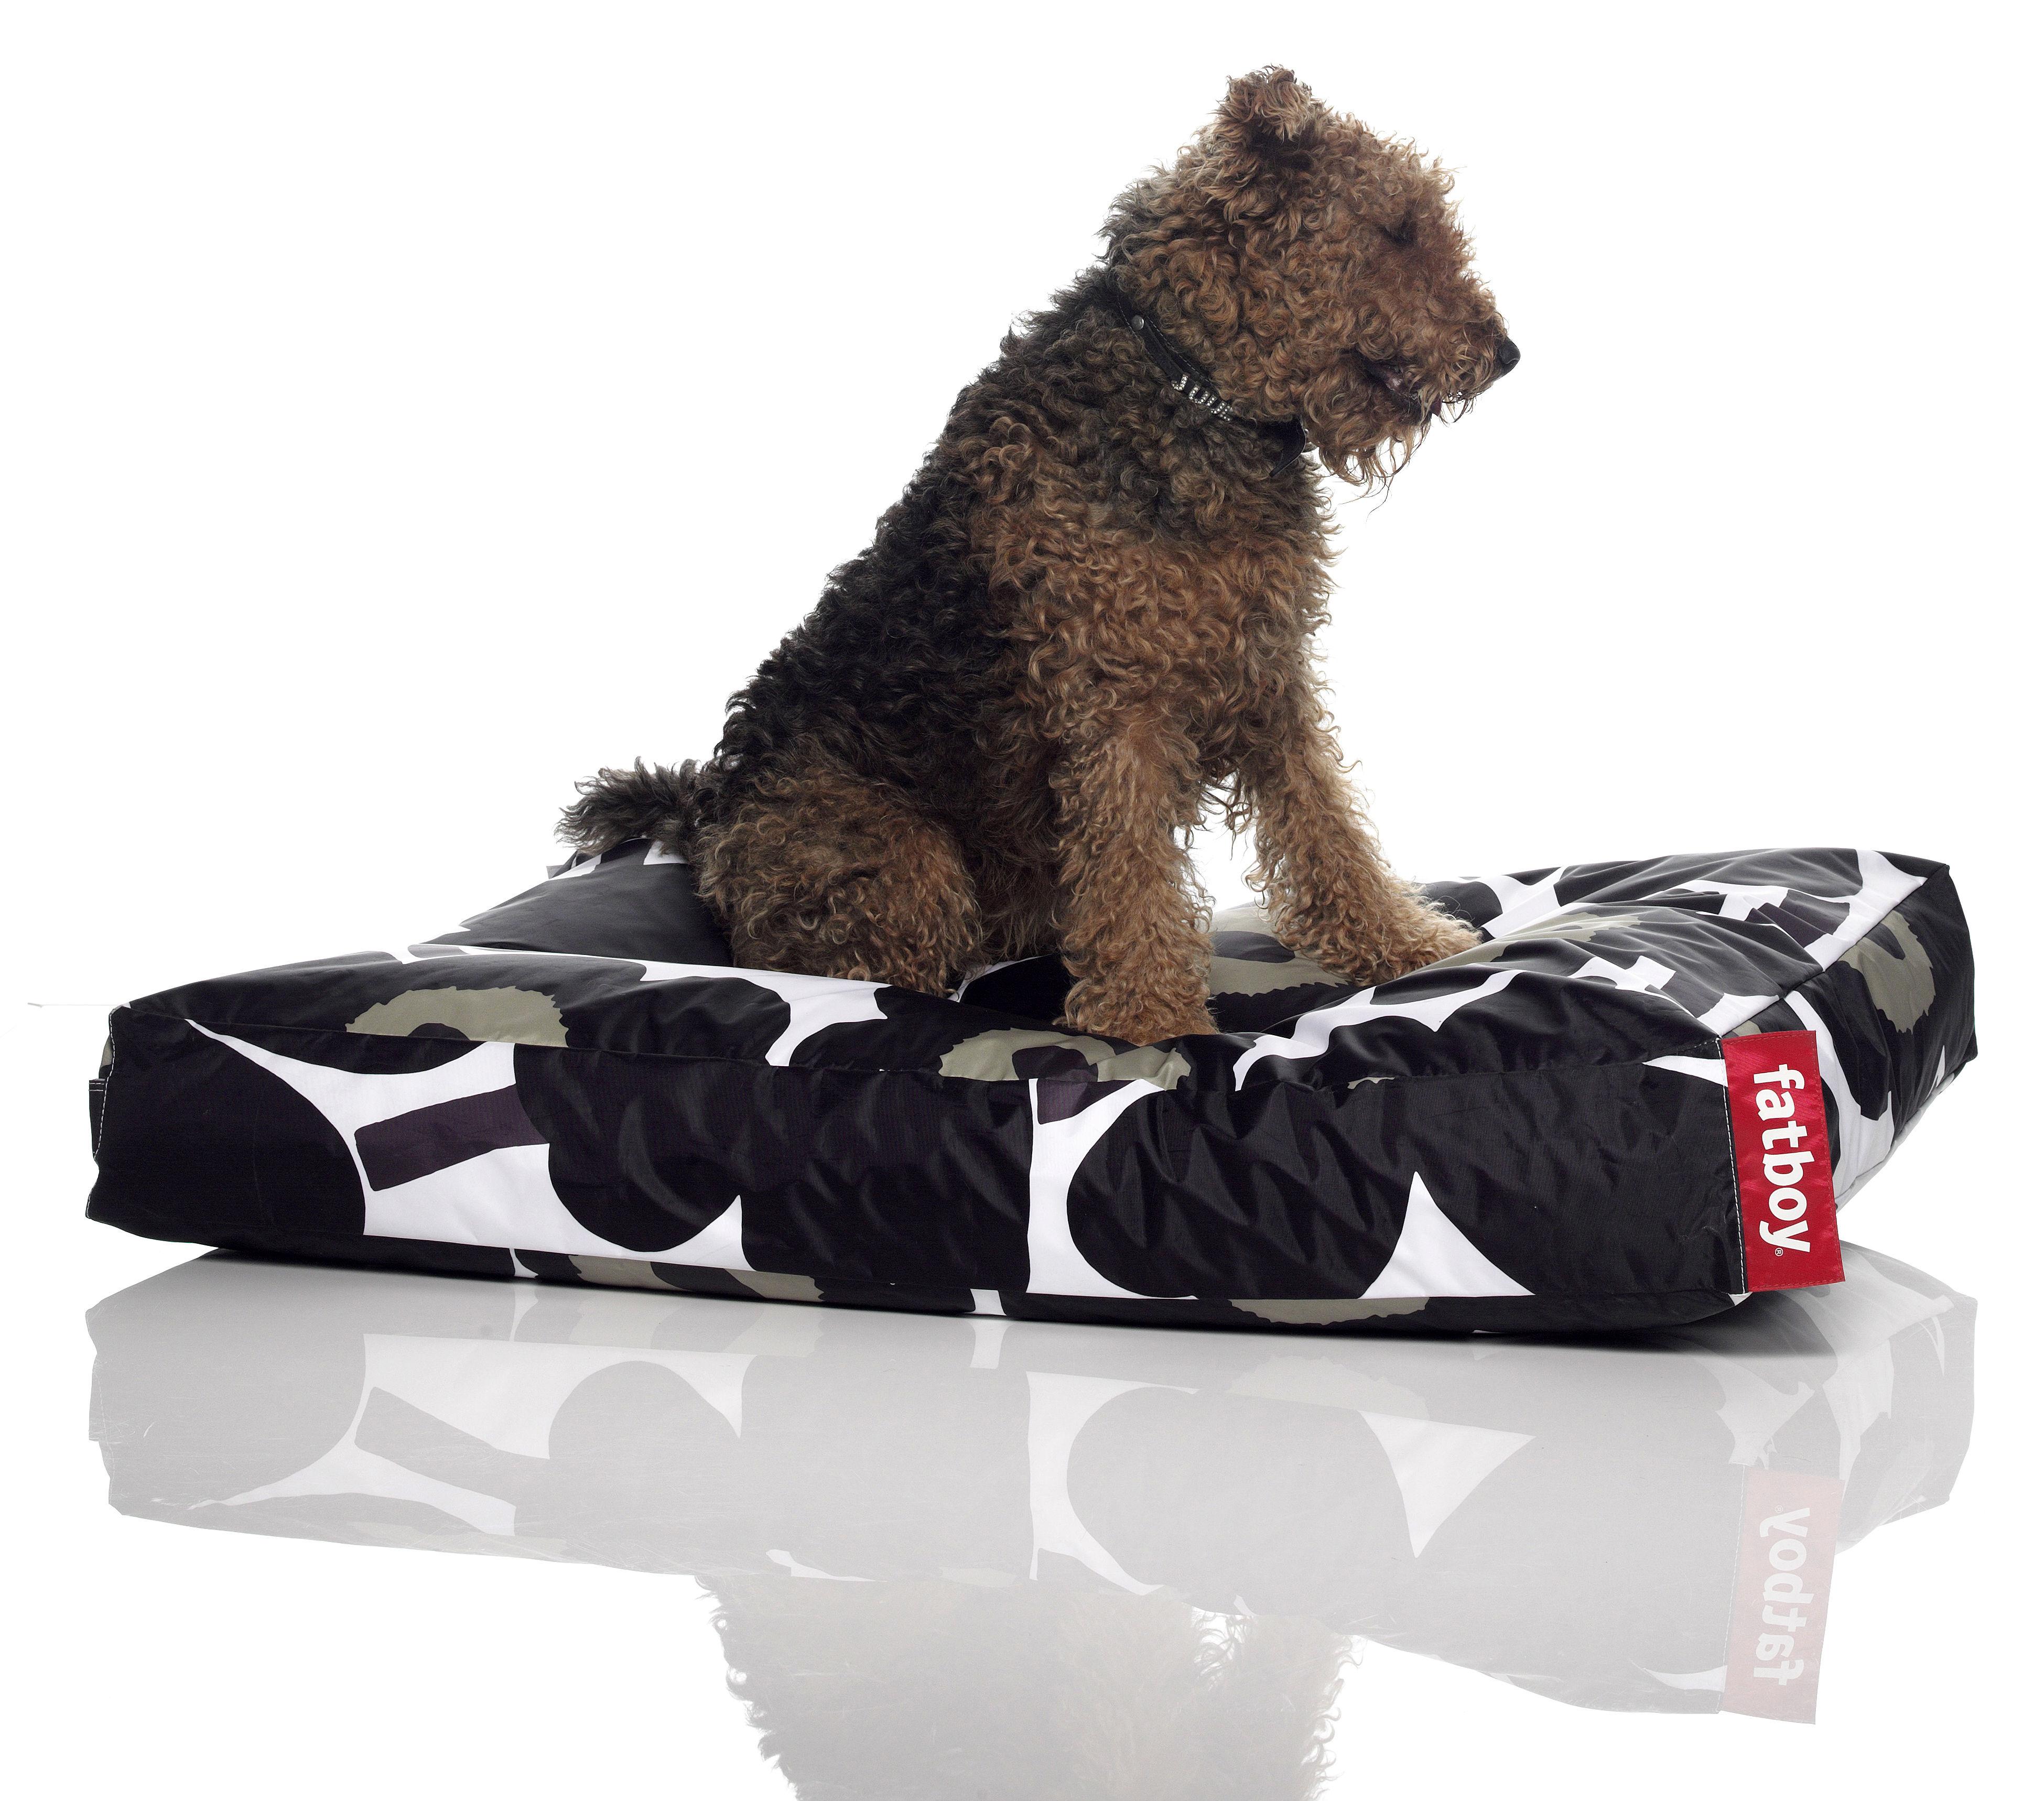 pouf doggielounge marimekko pour chien large unikko noir fatboy. Black Bedroom Furniture Sets. Home Design Ideas